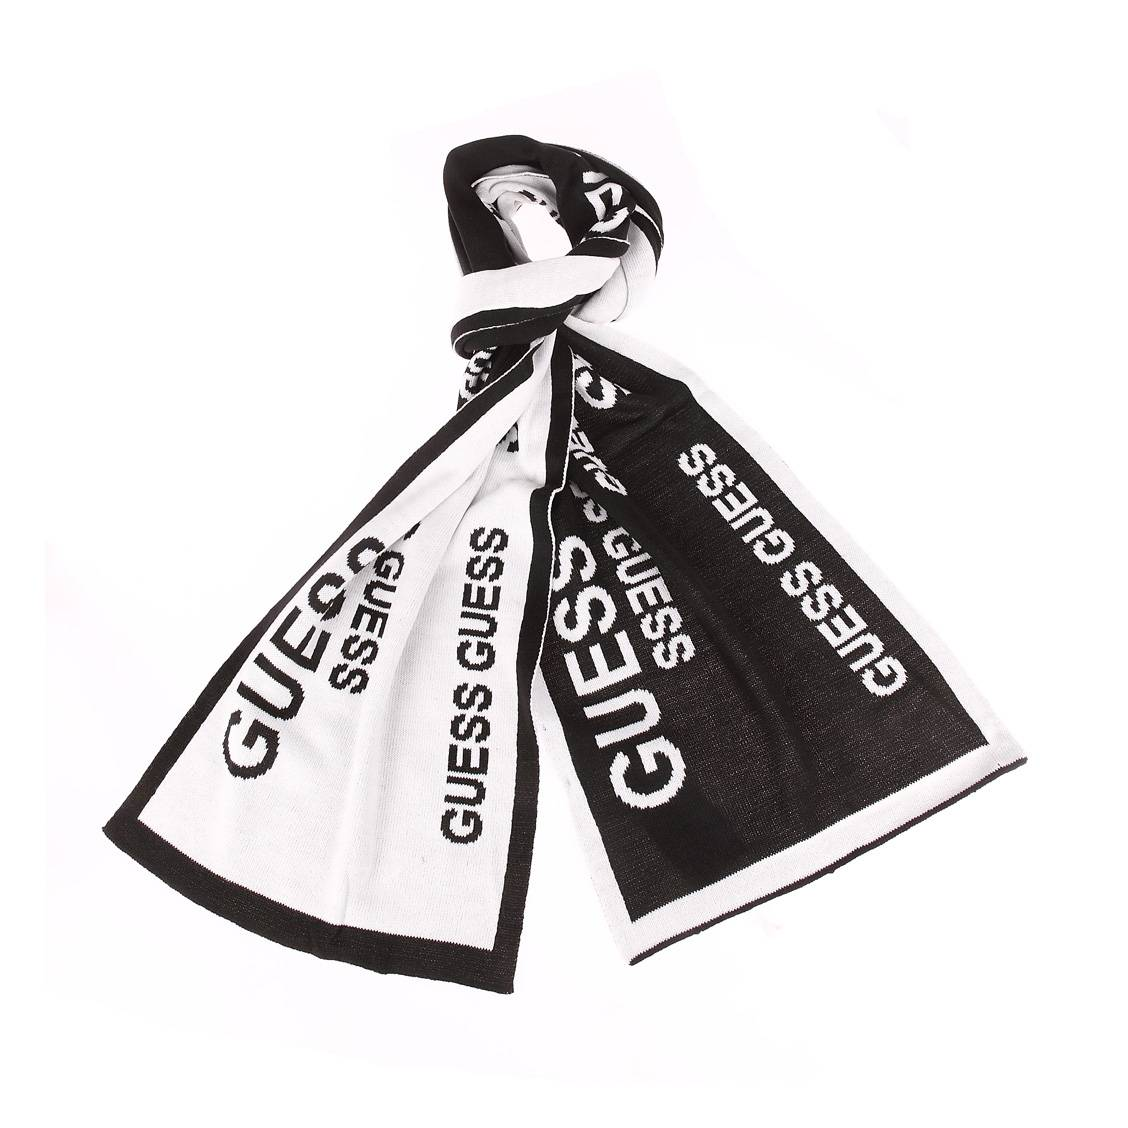 Echarpe guess noire à bords blancs et monogrammée en blanc réversible